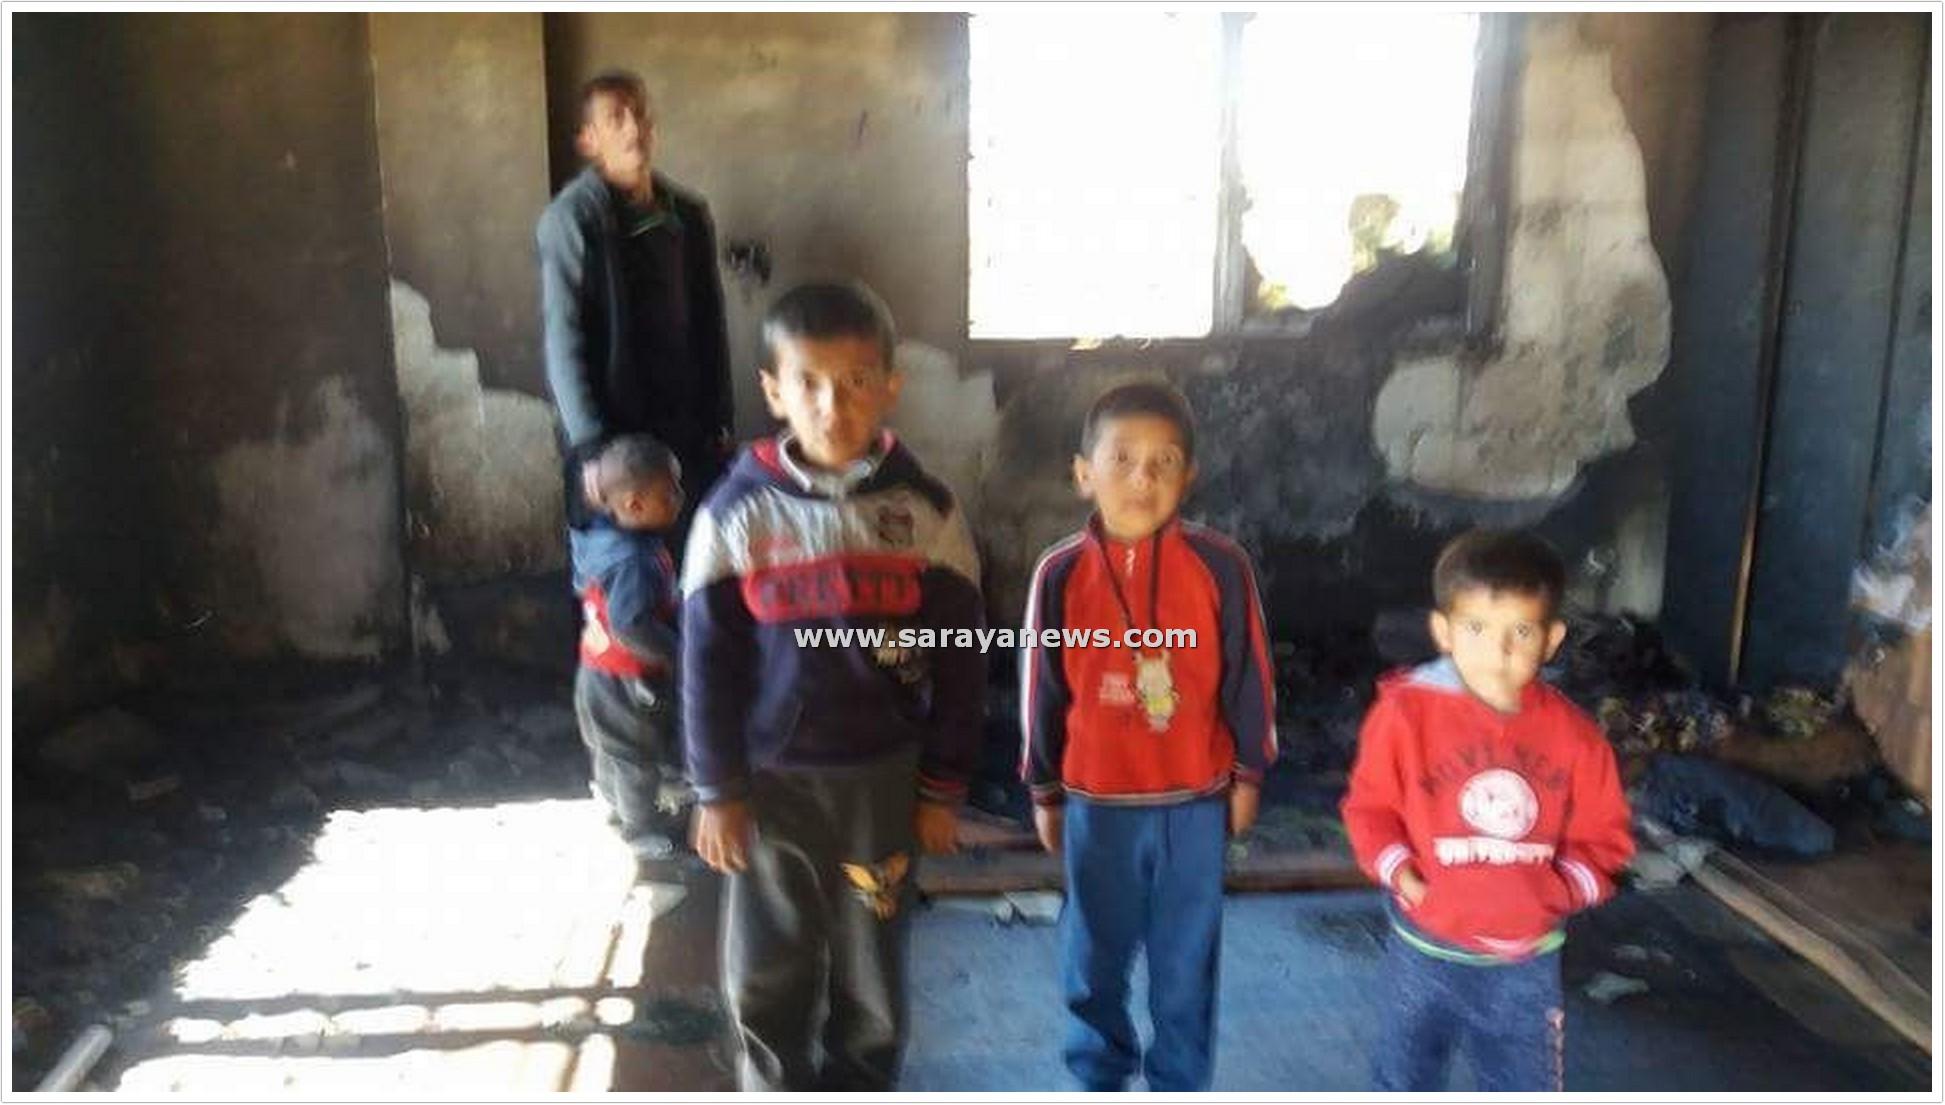 بالصور  ..  حريق يلتهم منزل عامل وطن في الزرقاء : اصبح هو و اطفاله بلا مأوى و ينامون في العراء